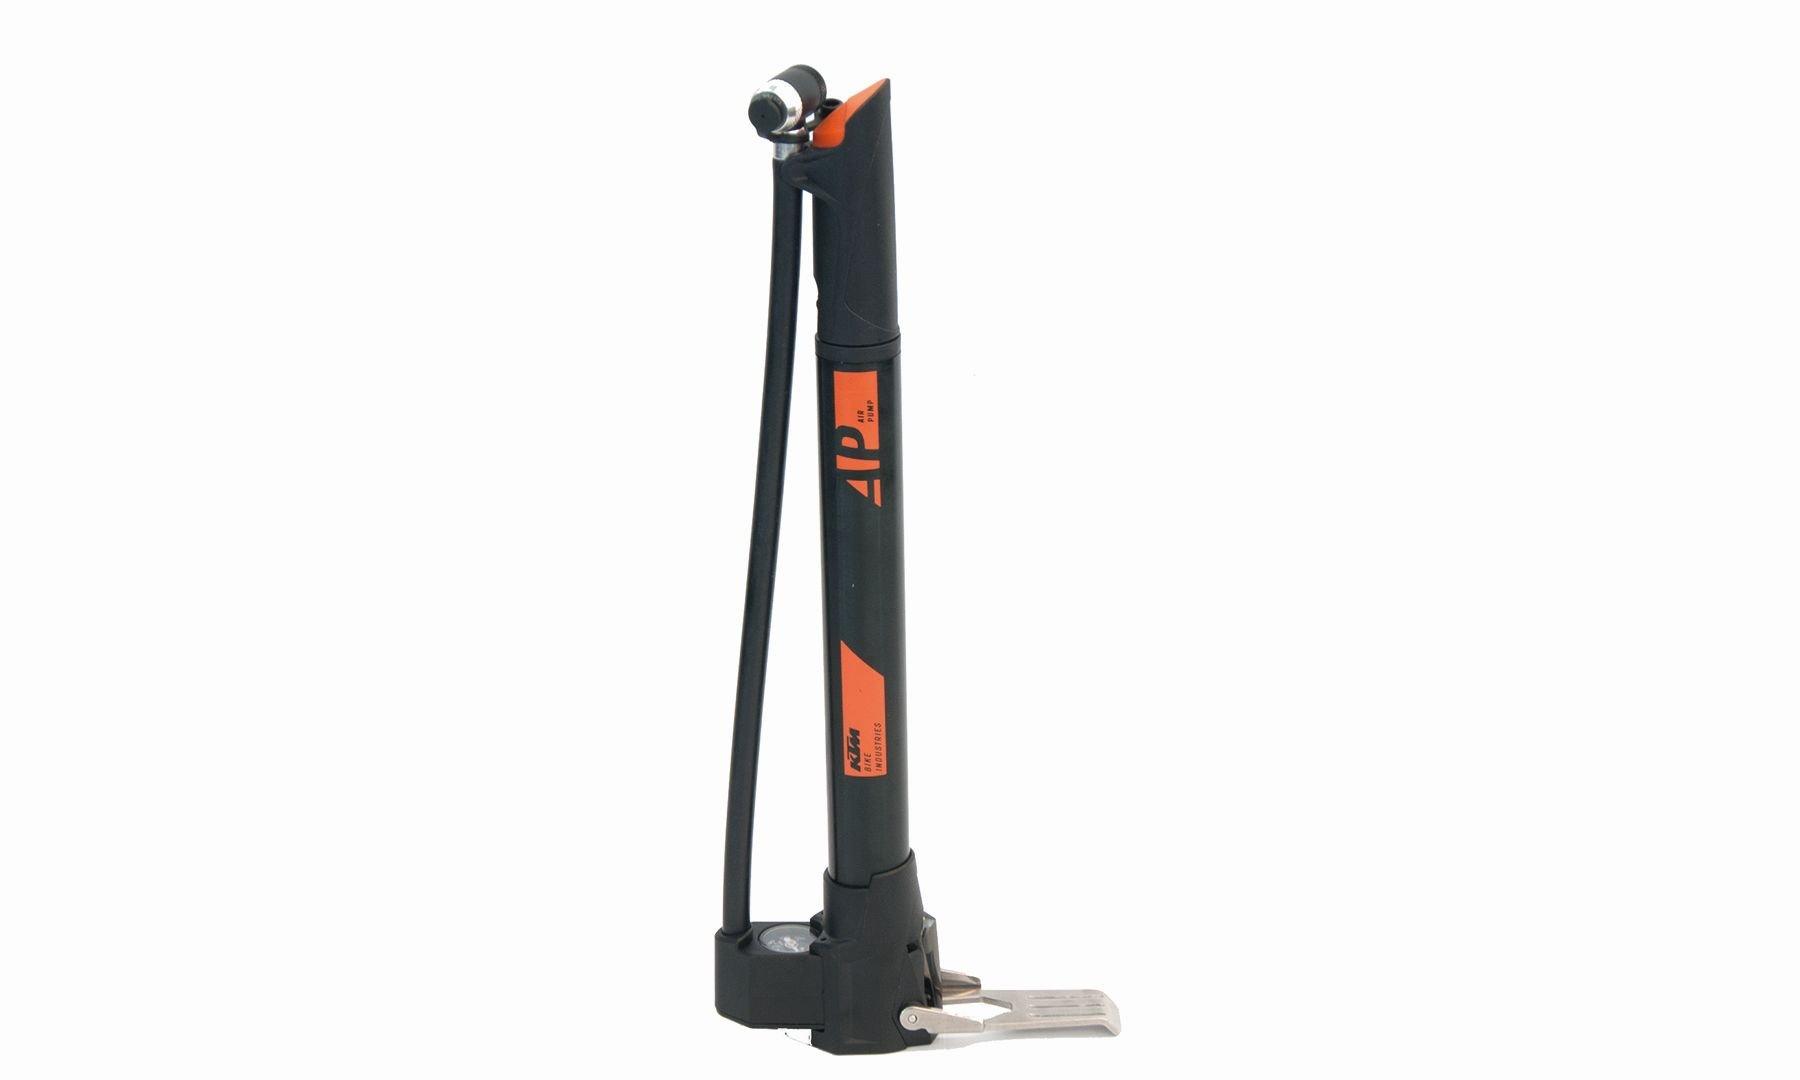 KTM Standpumpe Ministandpumpe mit Schlauch und Manometer